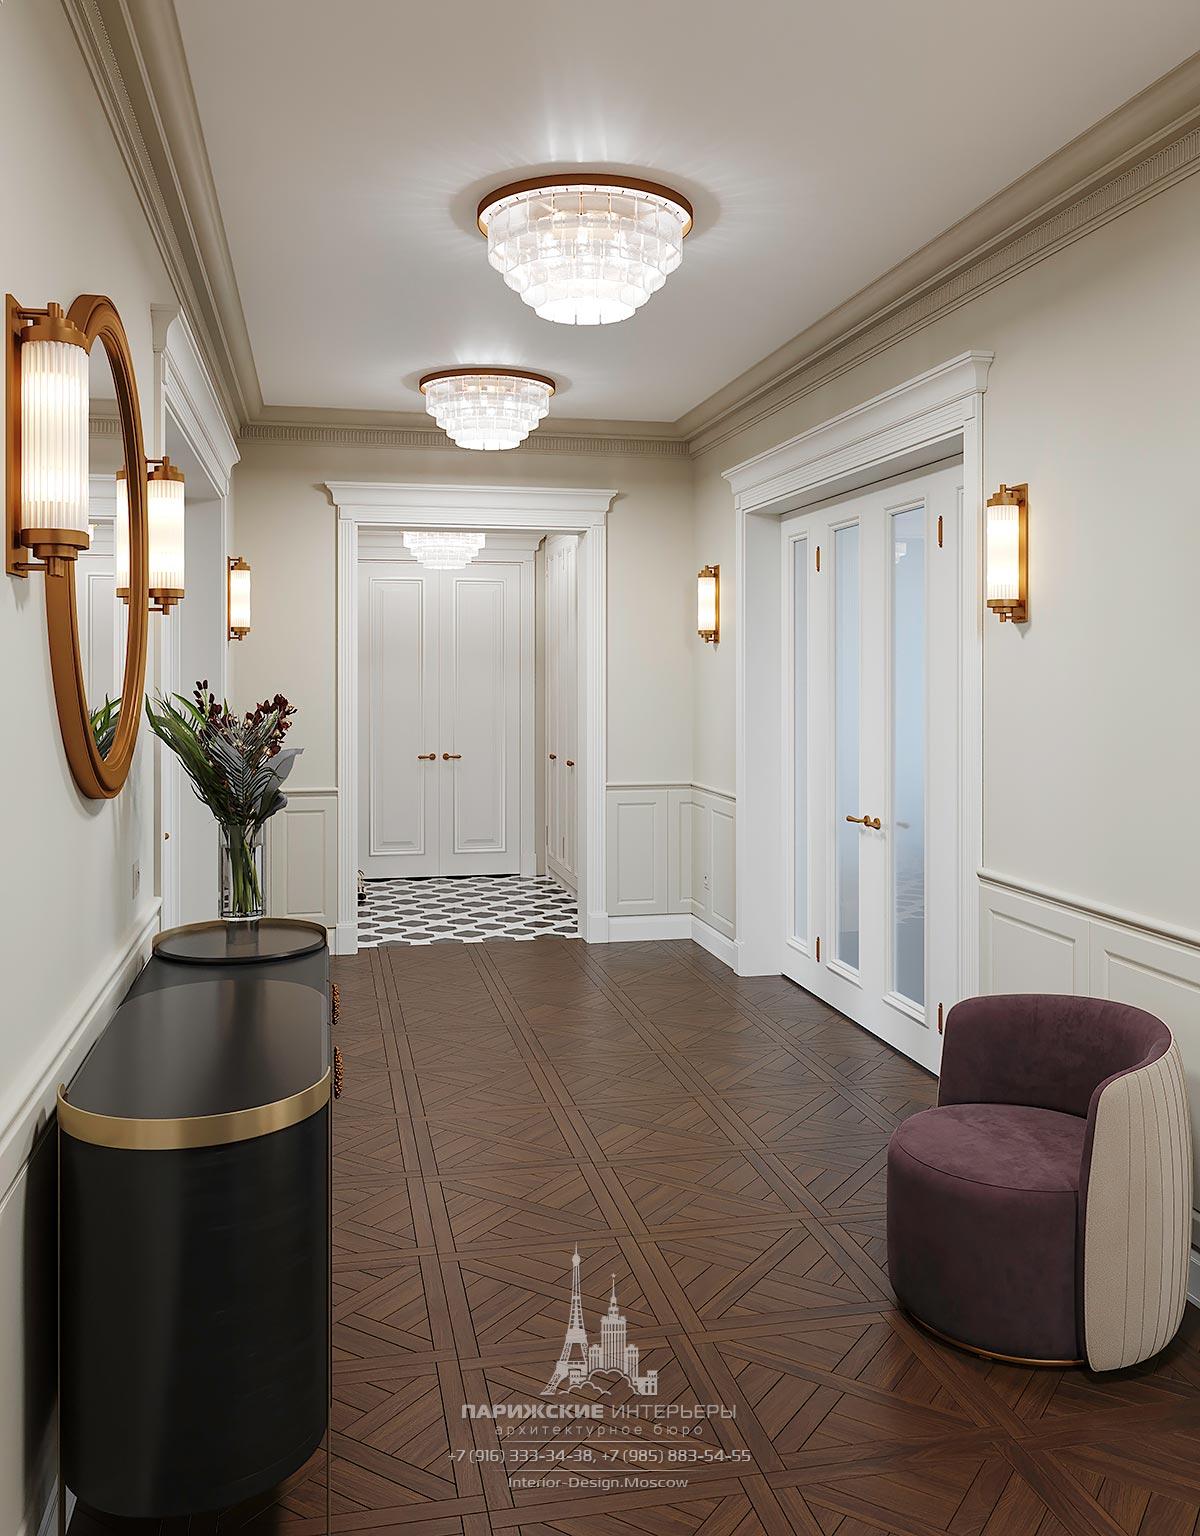 Дизайн холла с паркетным полом в интерьере частного дома